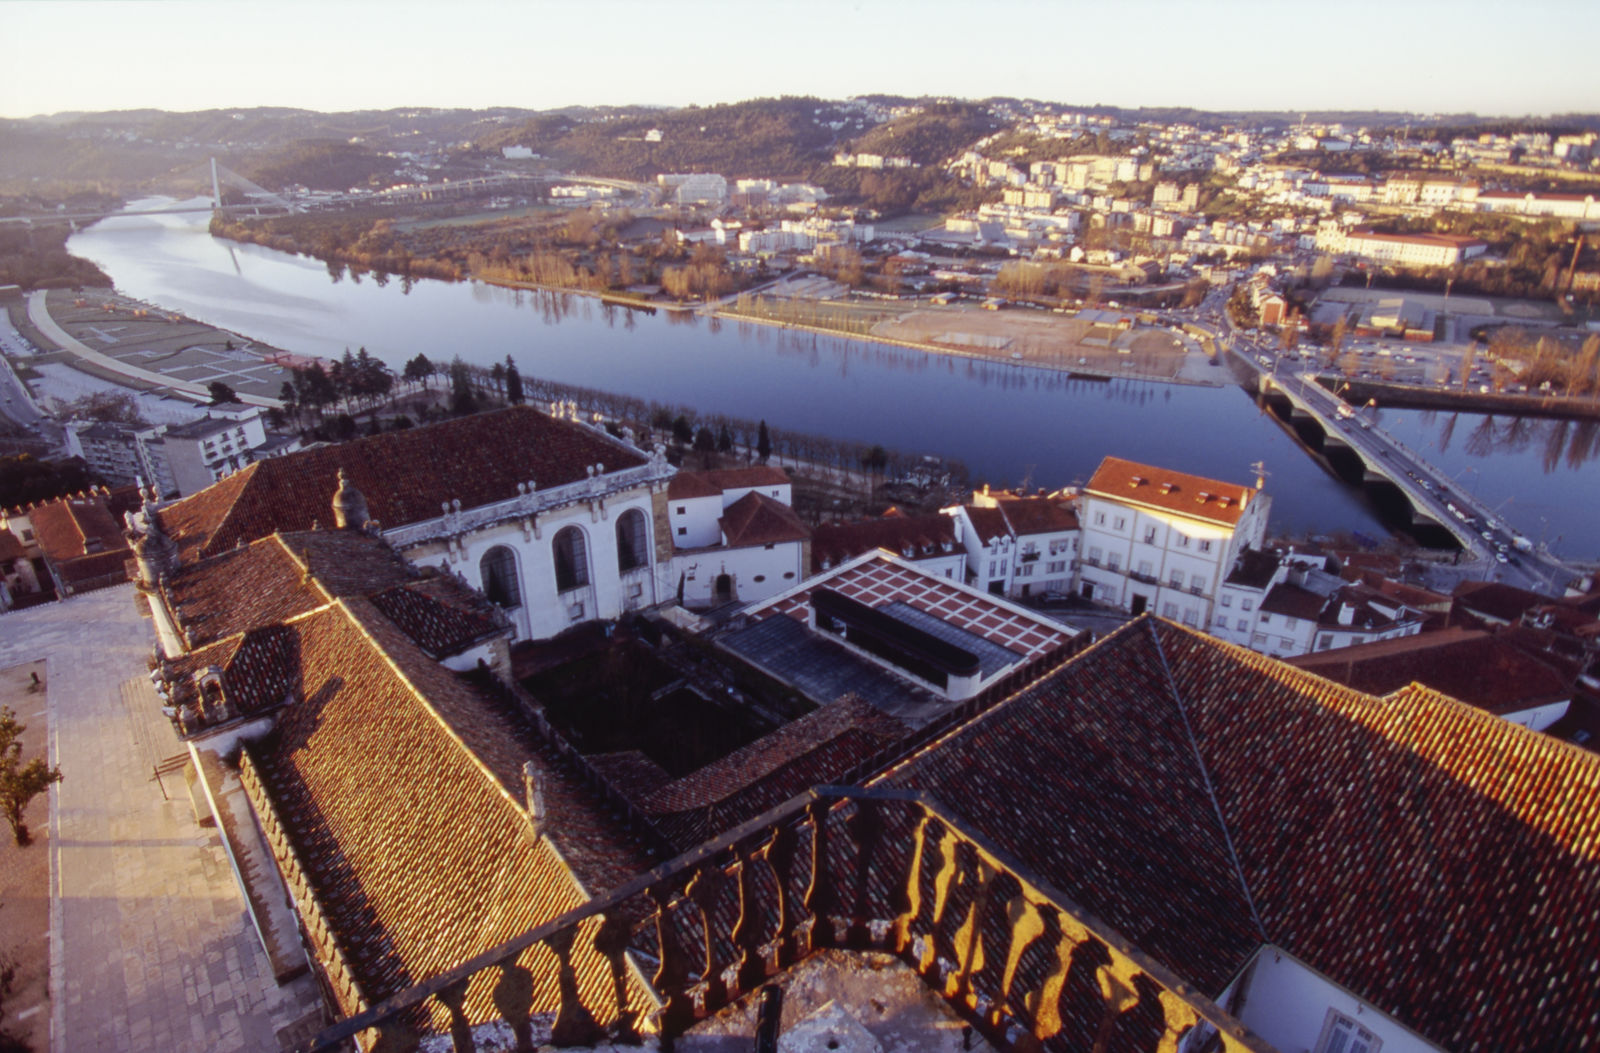 Bezoek de wieg van de portwijn in de Douro-vallei | AmbianceTravel